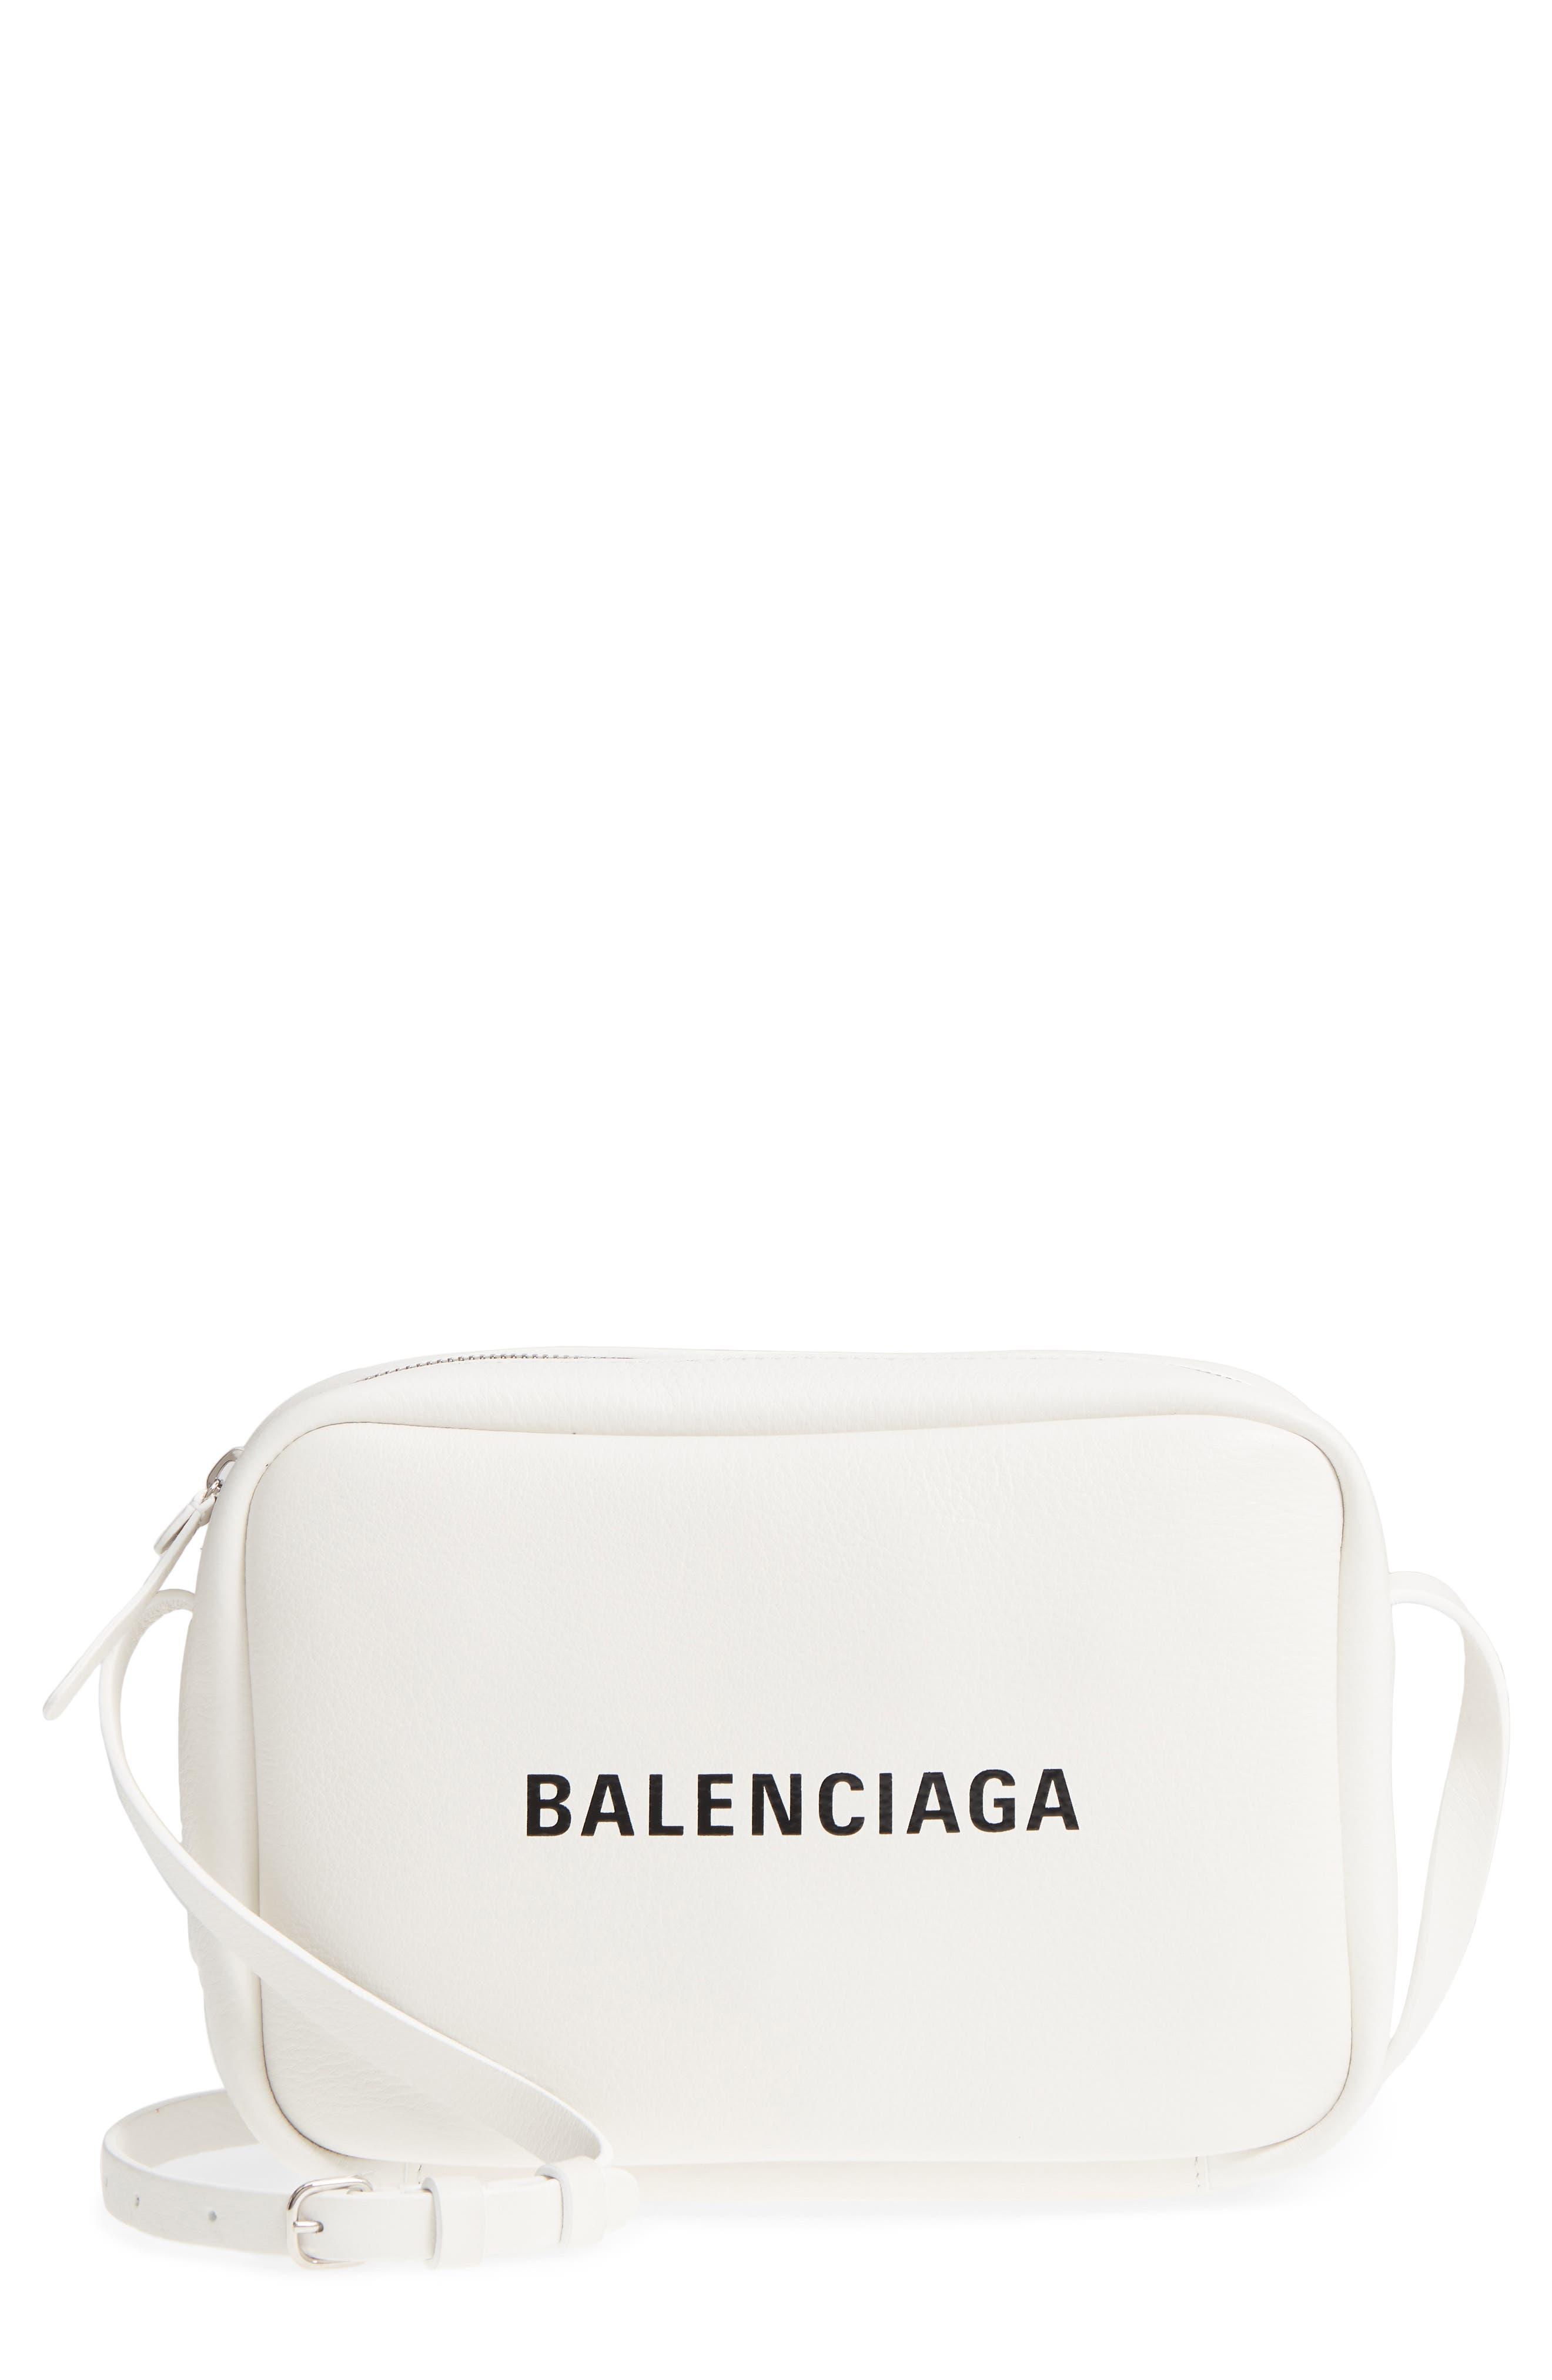 Small Everyday Calfskin Leather Camera Bag, Main, color, BLANC OPTIQUE/ NOIR